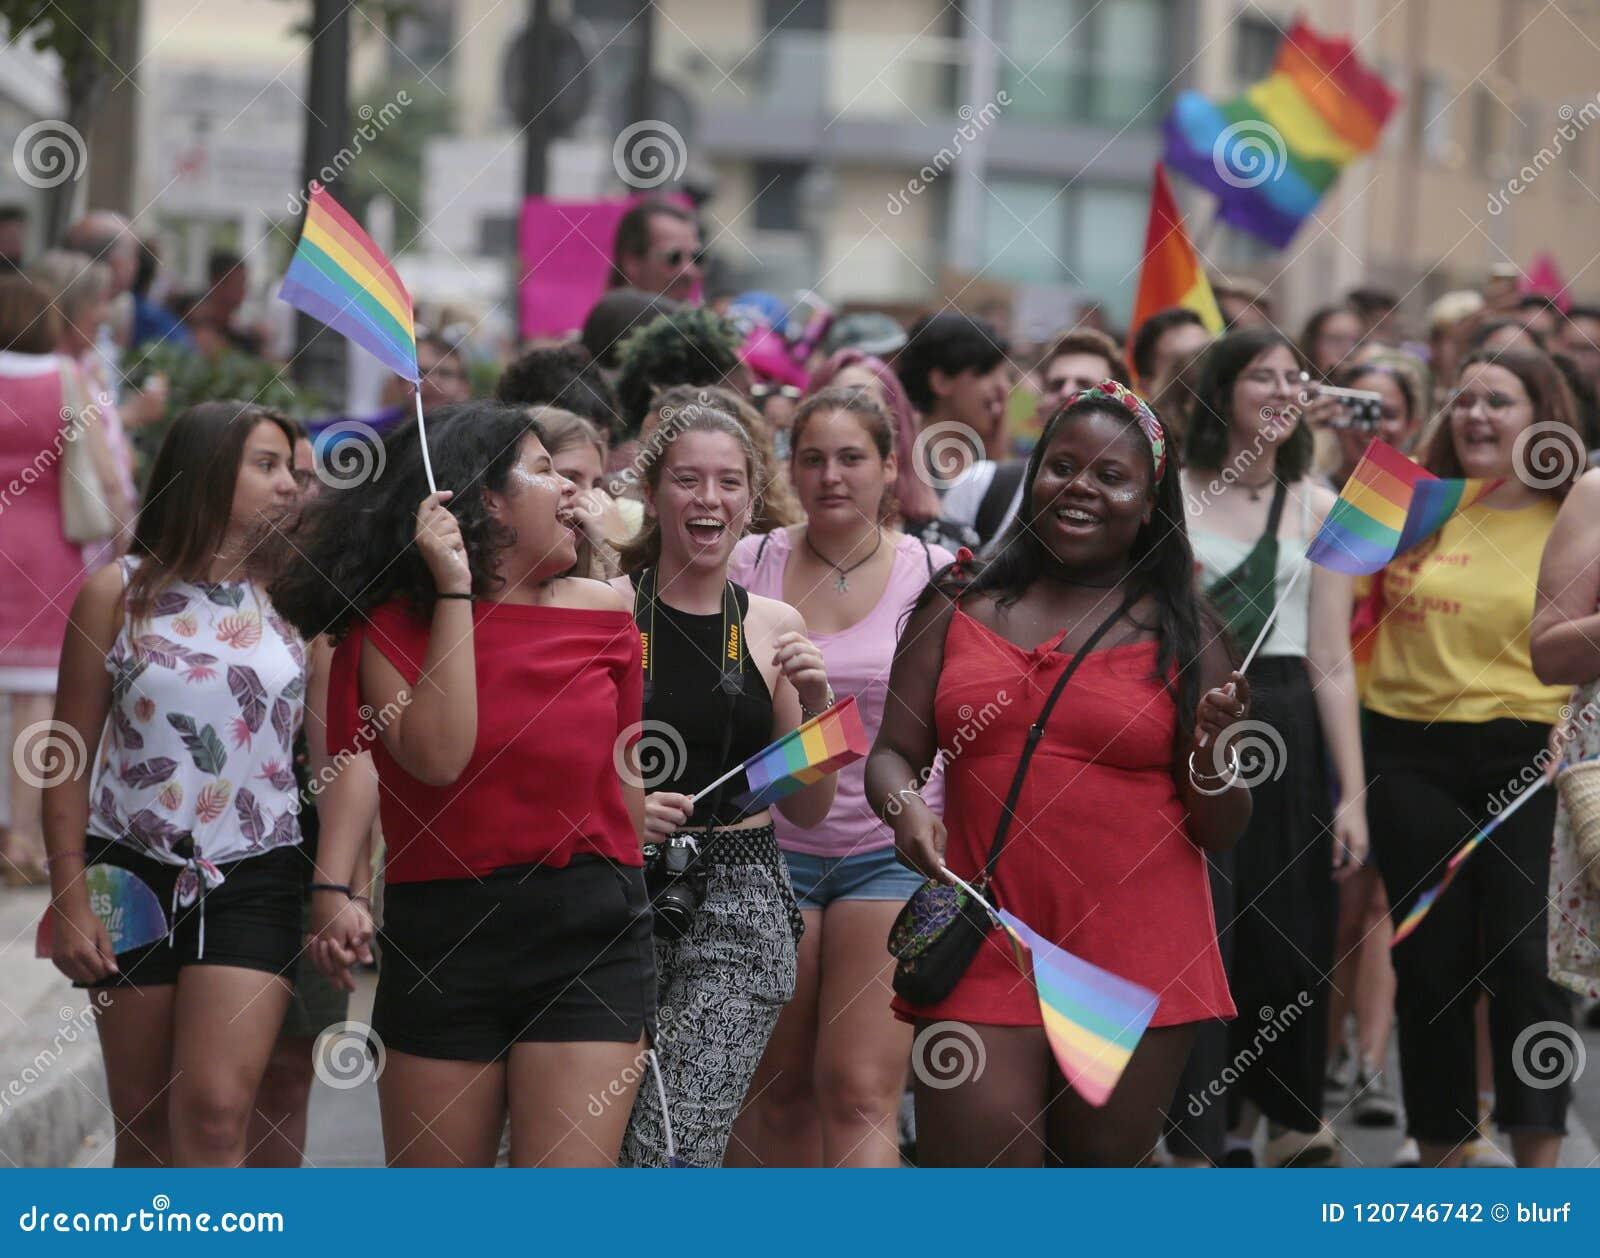 Lgbt pride day